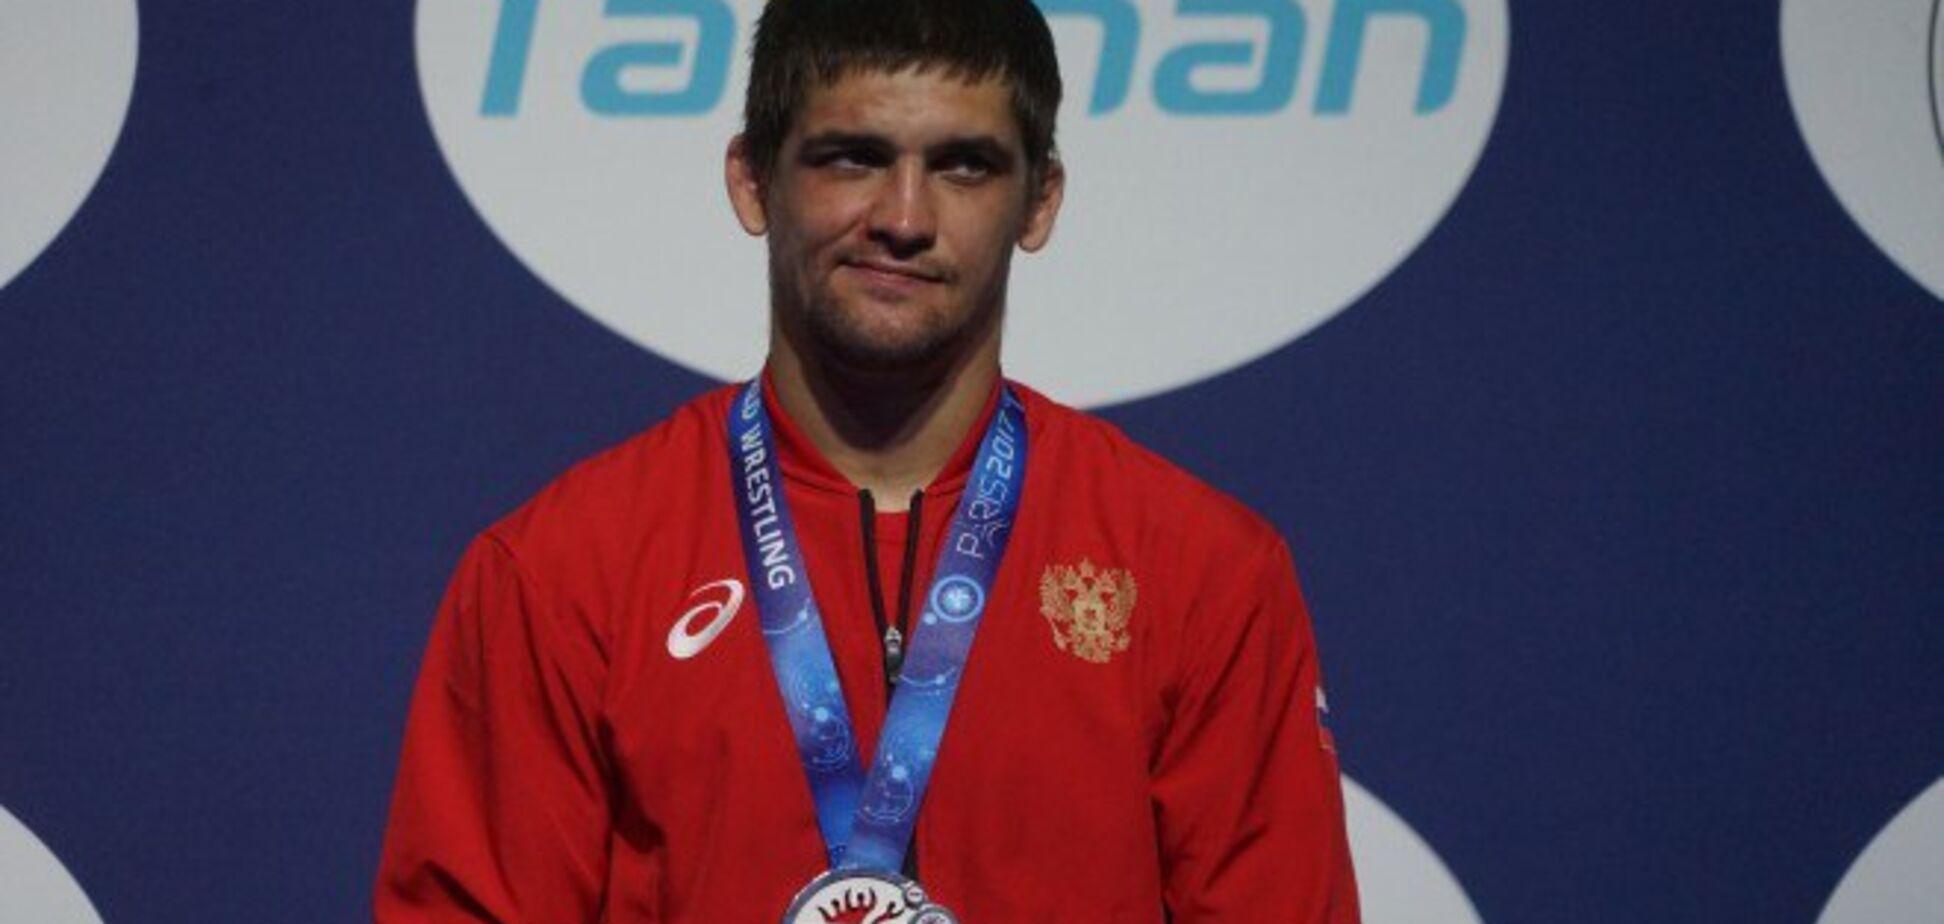 Известного российского борца со скандалом лишили медали чемпионата мира